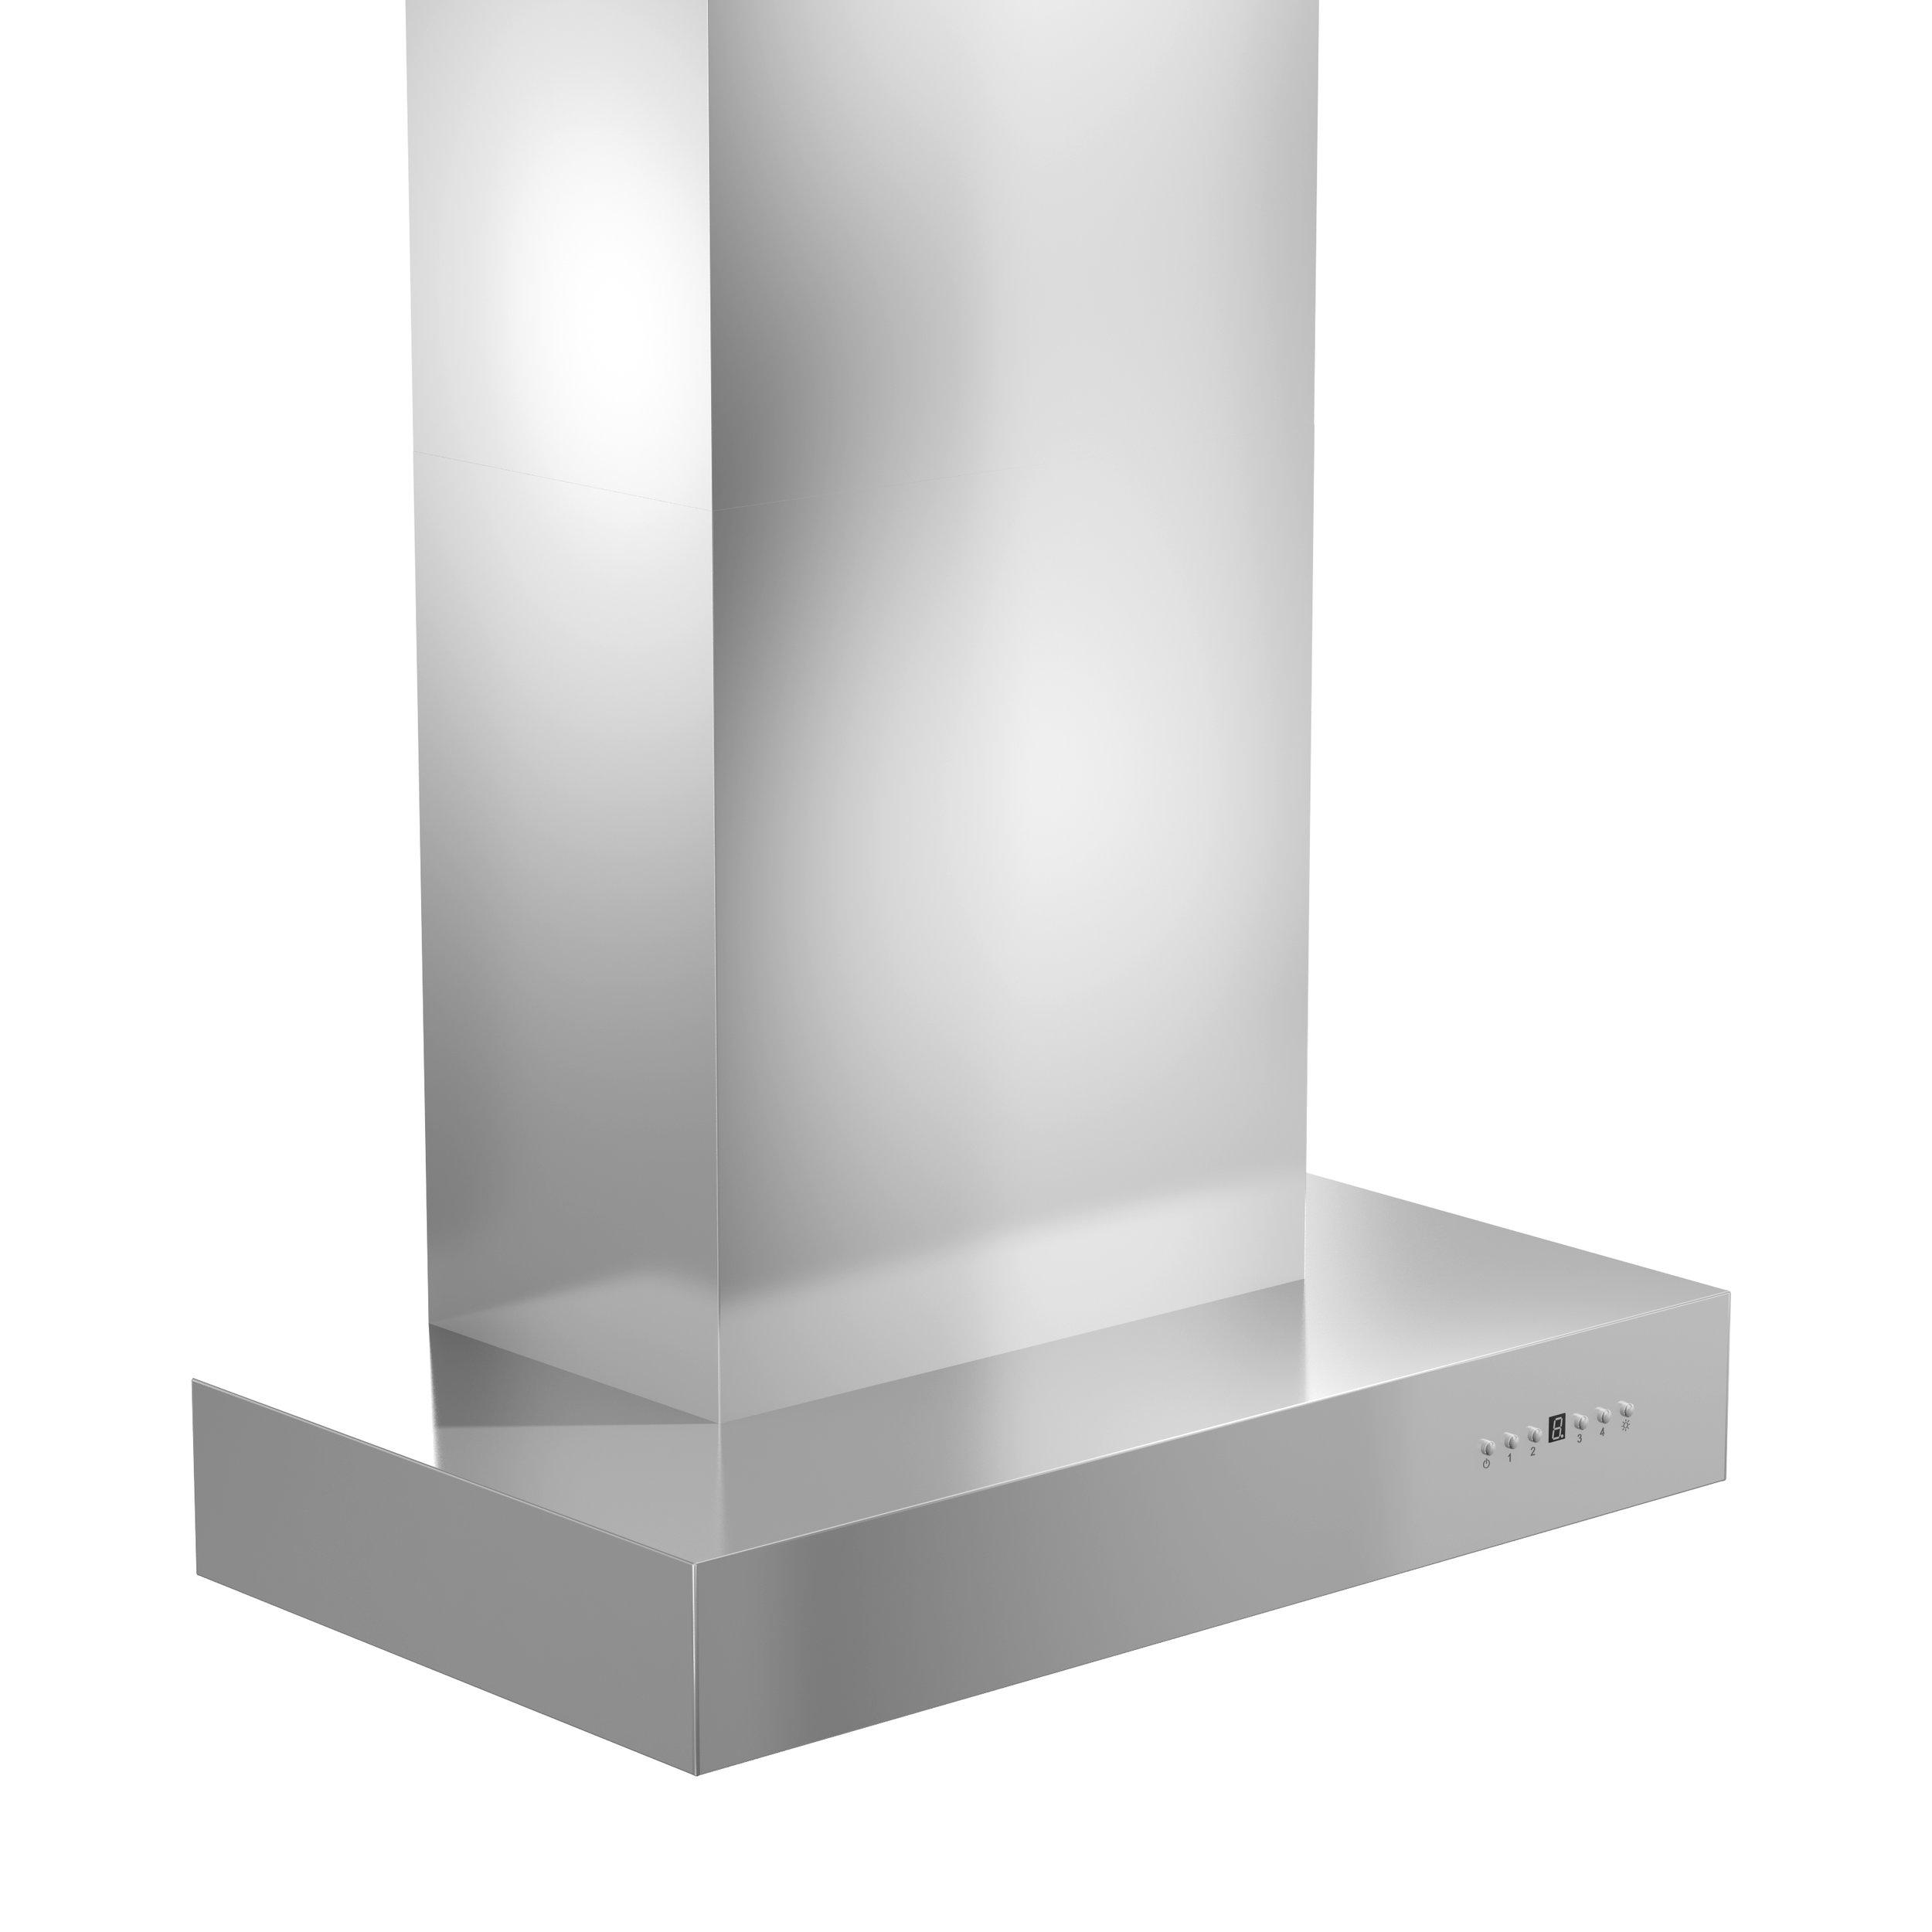 zline-stainless-steel-wall-mounted-range-hood-KECOM-top.jpg